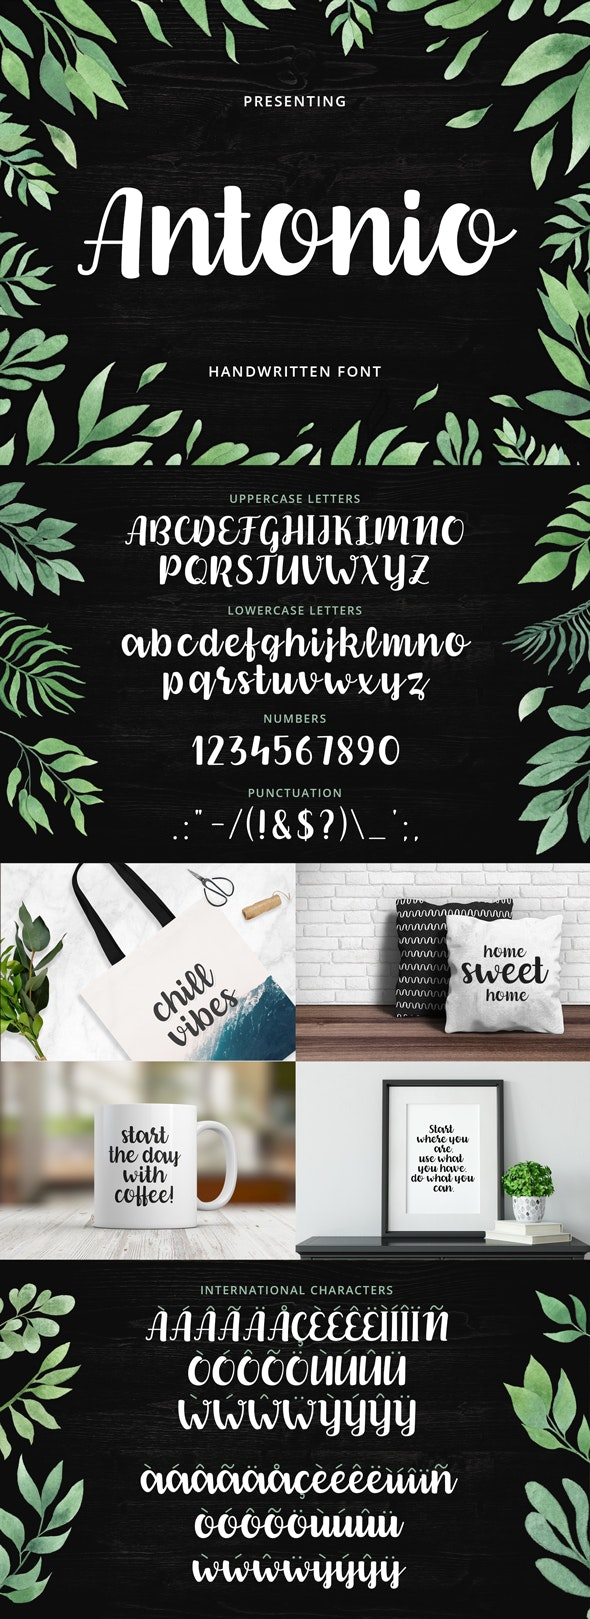 Antonio Script Font - Script Fonts